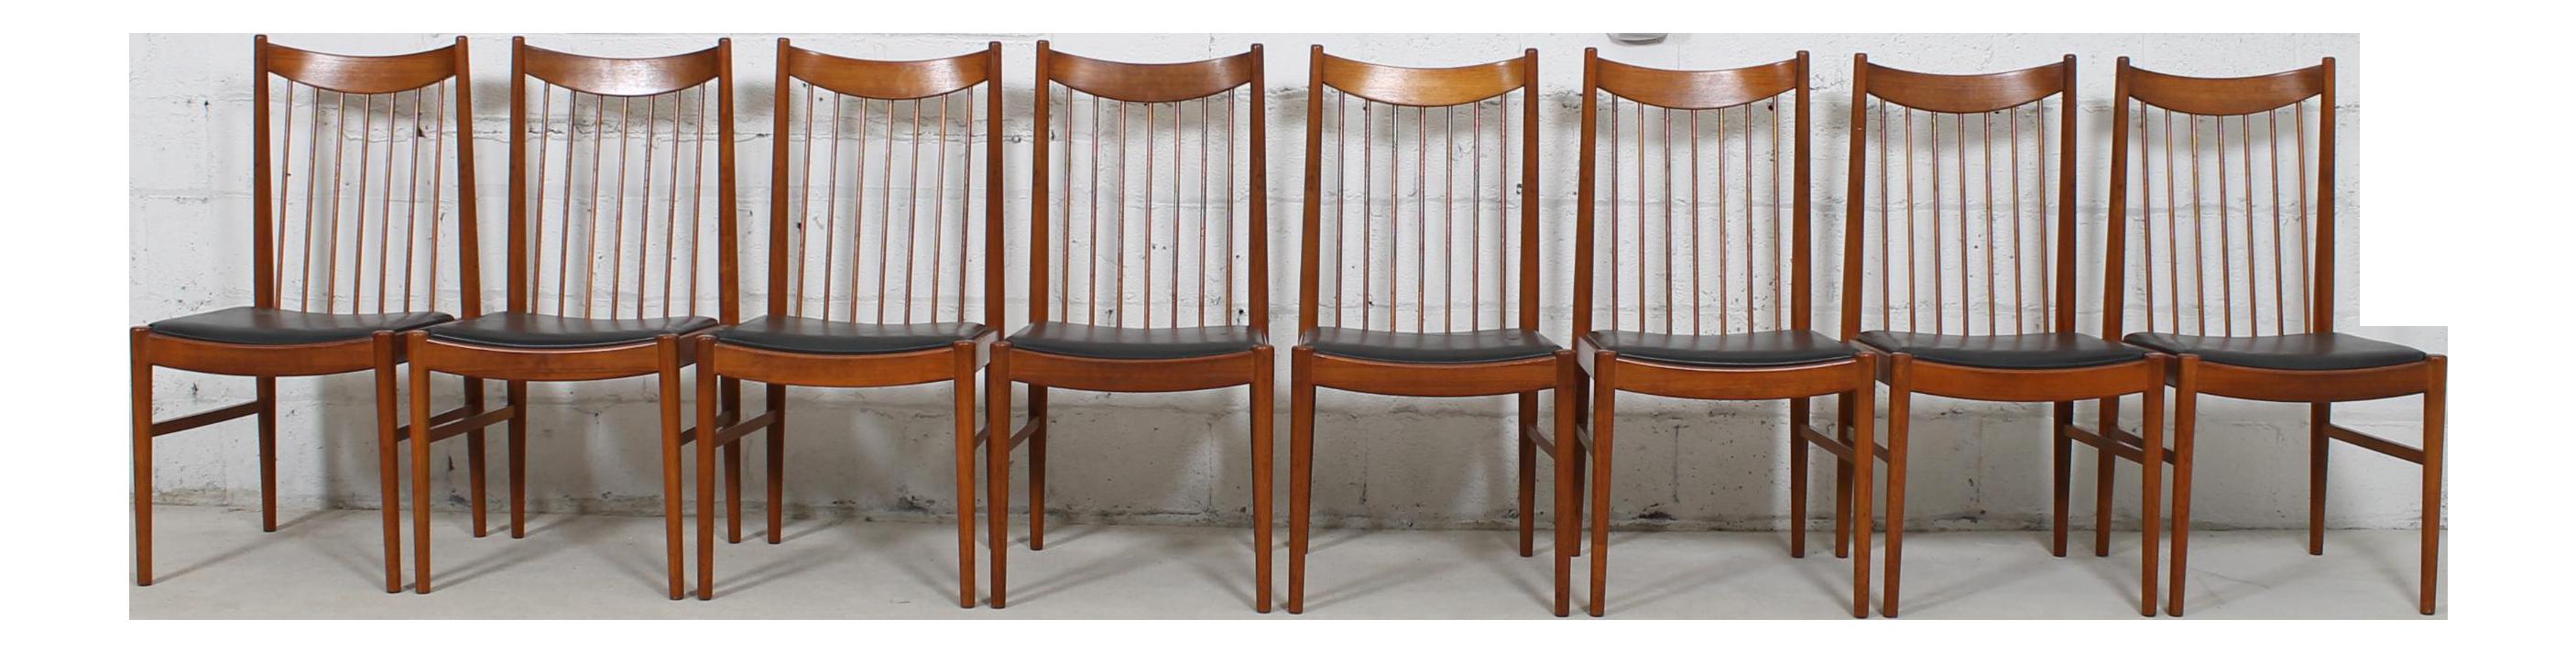 Arne Vodder Danish Modern Spindle Back Dining Chairs Set of 8